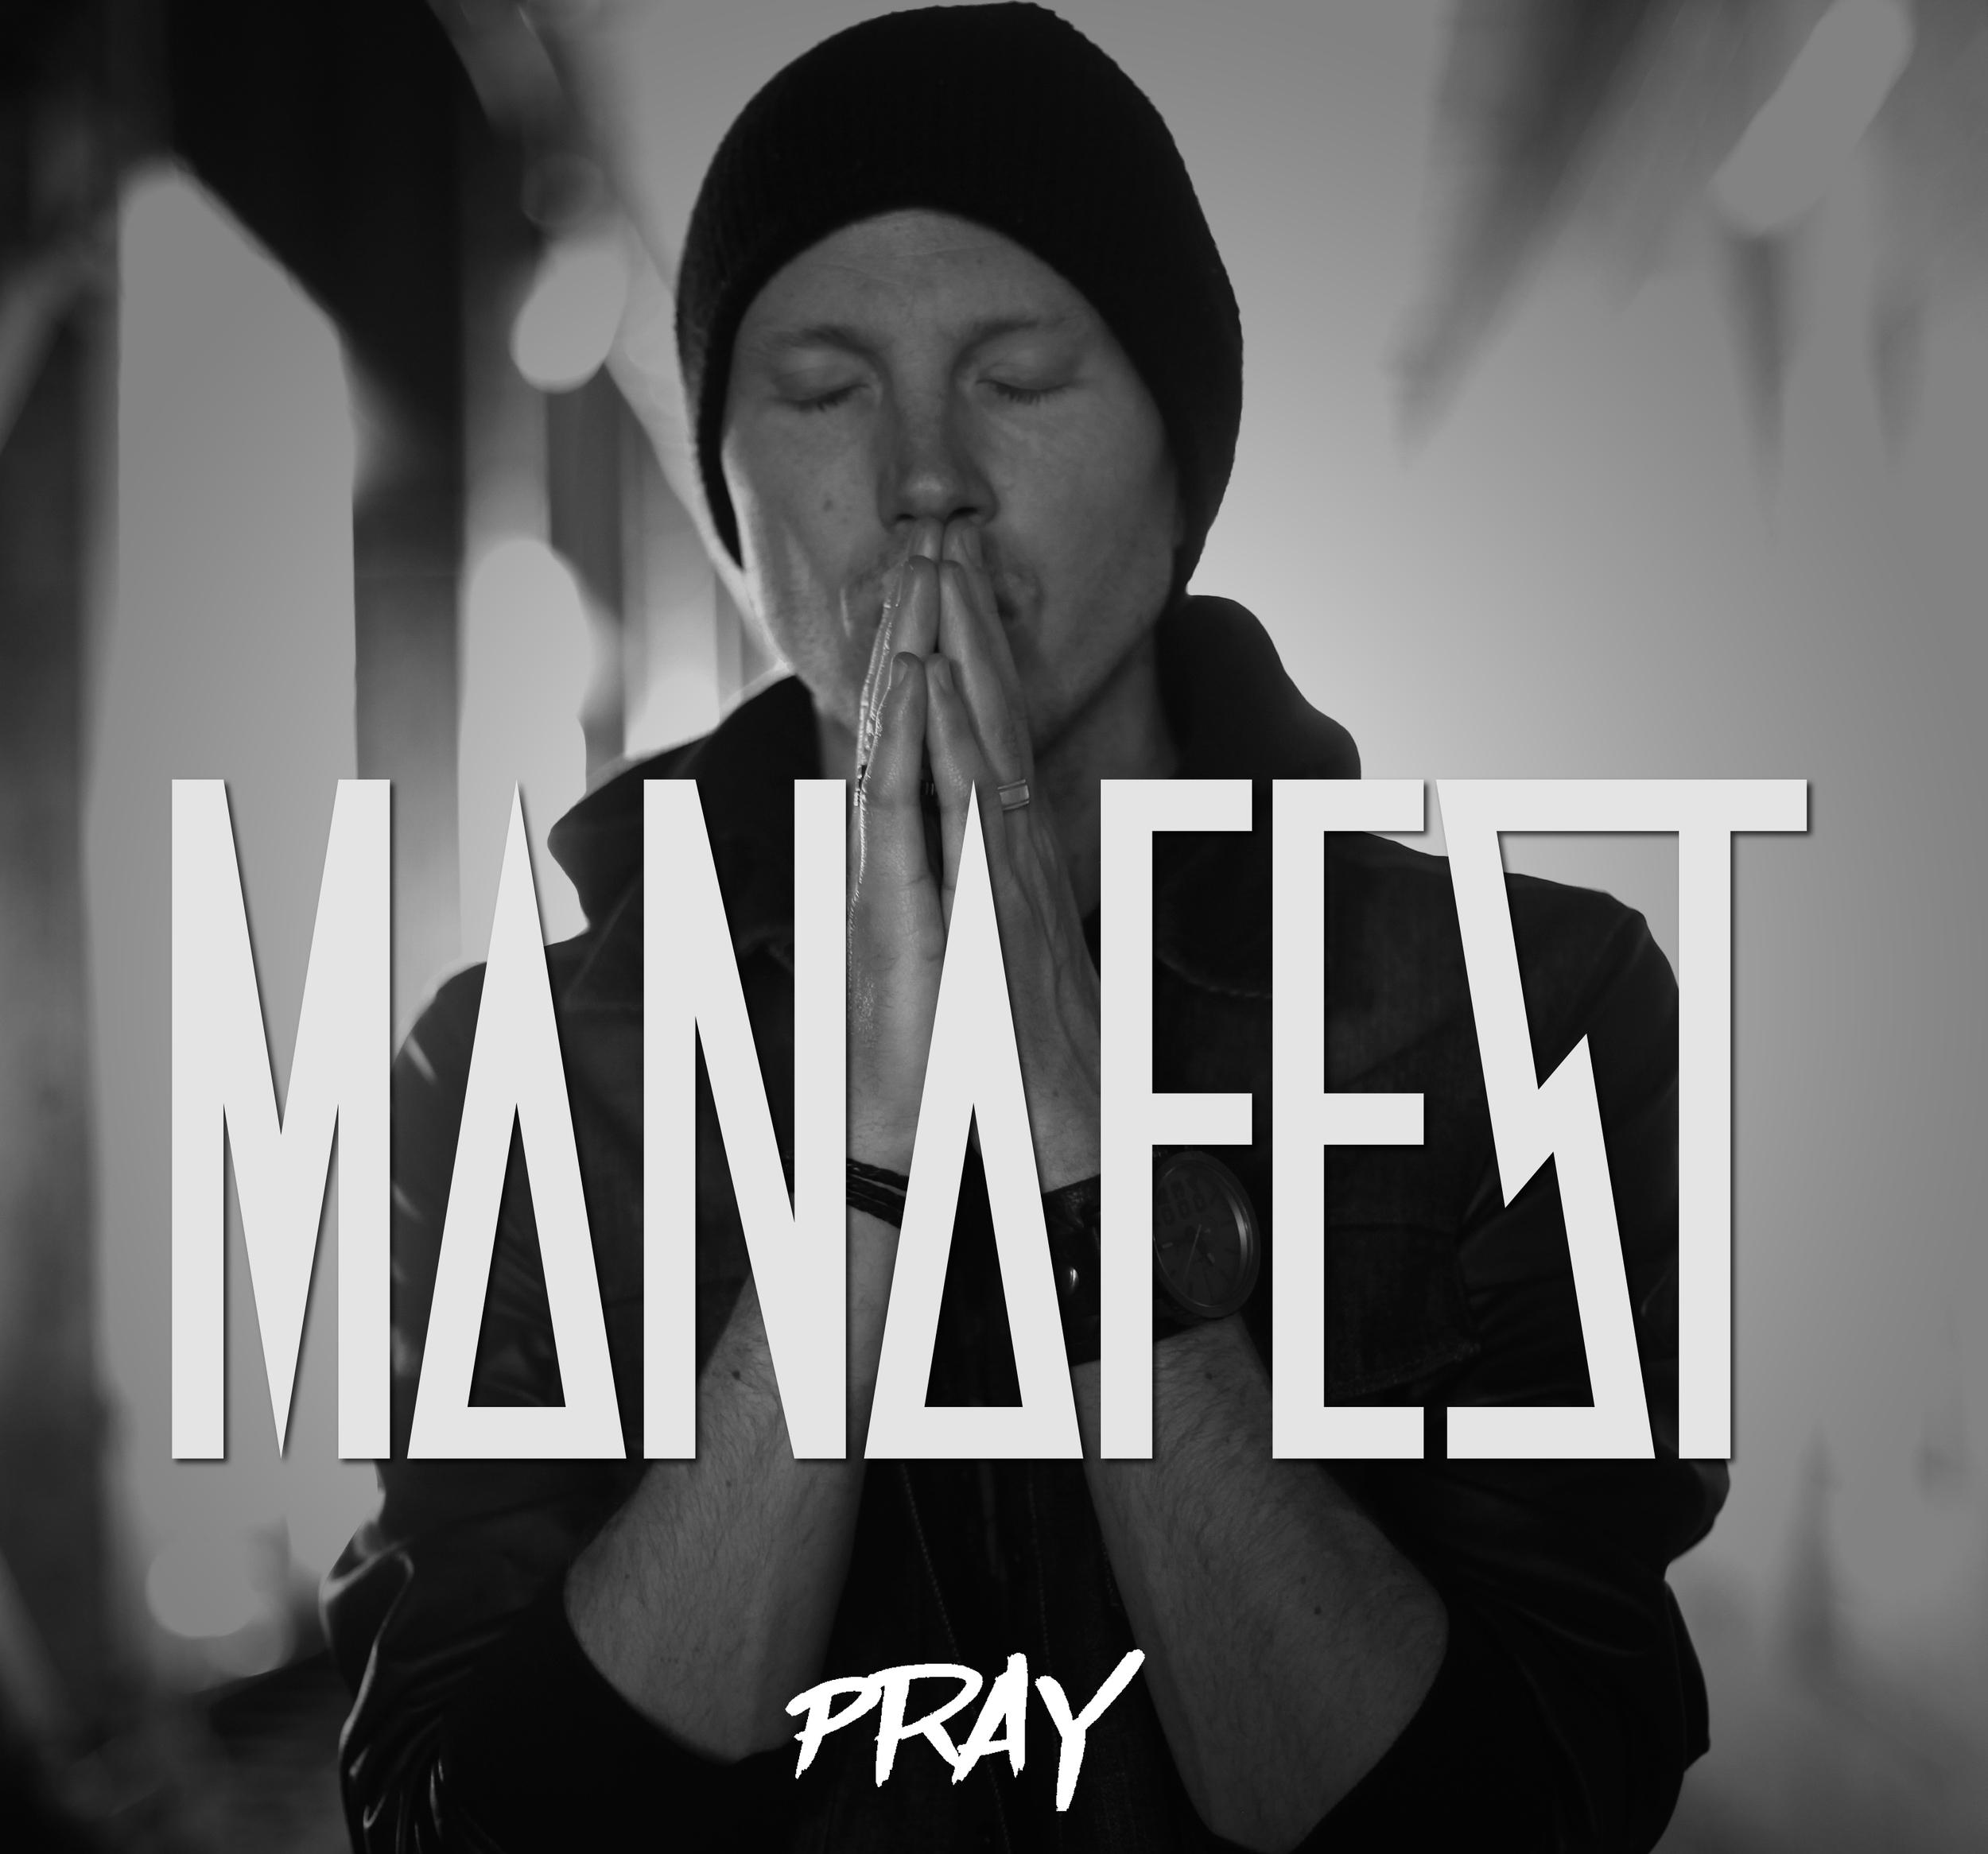 manafest-pray Single Cover.jpg